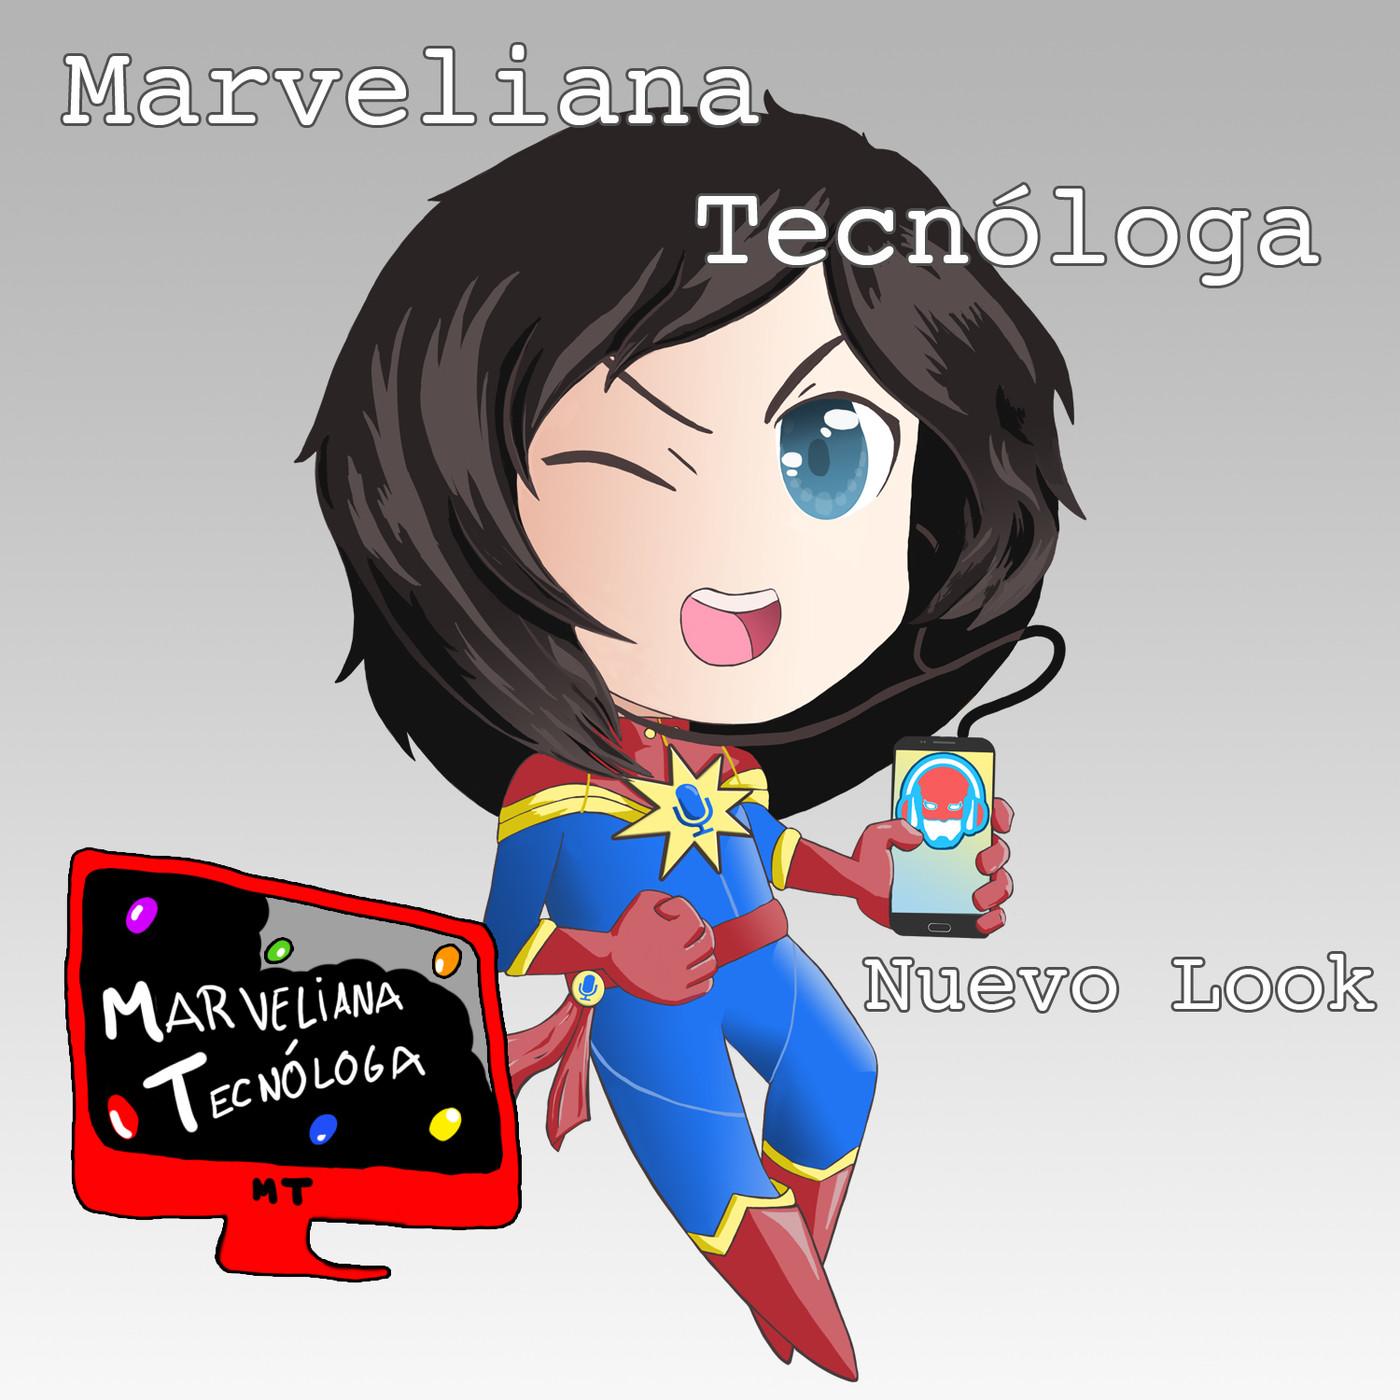 #MarvelianaTecno Novedades en Marveliana Tecnóloga